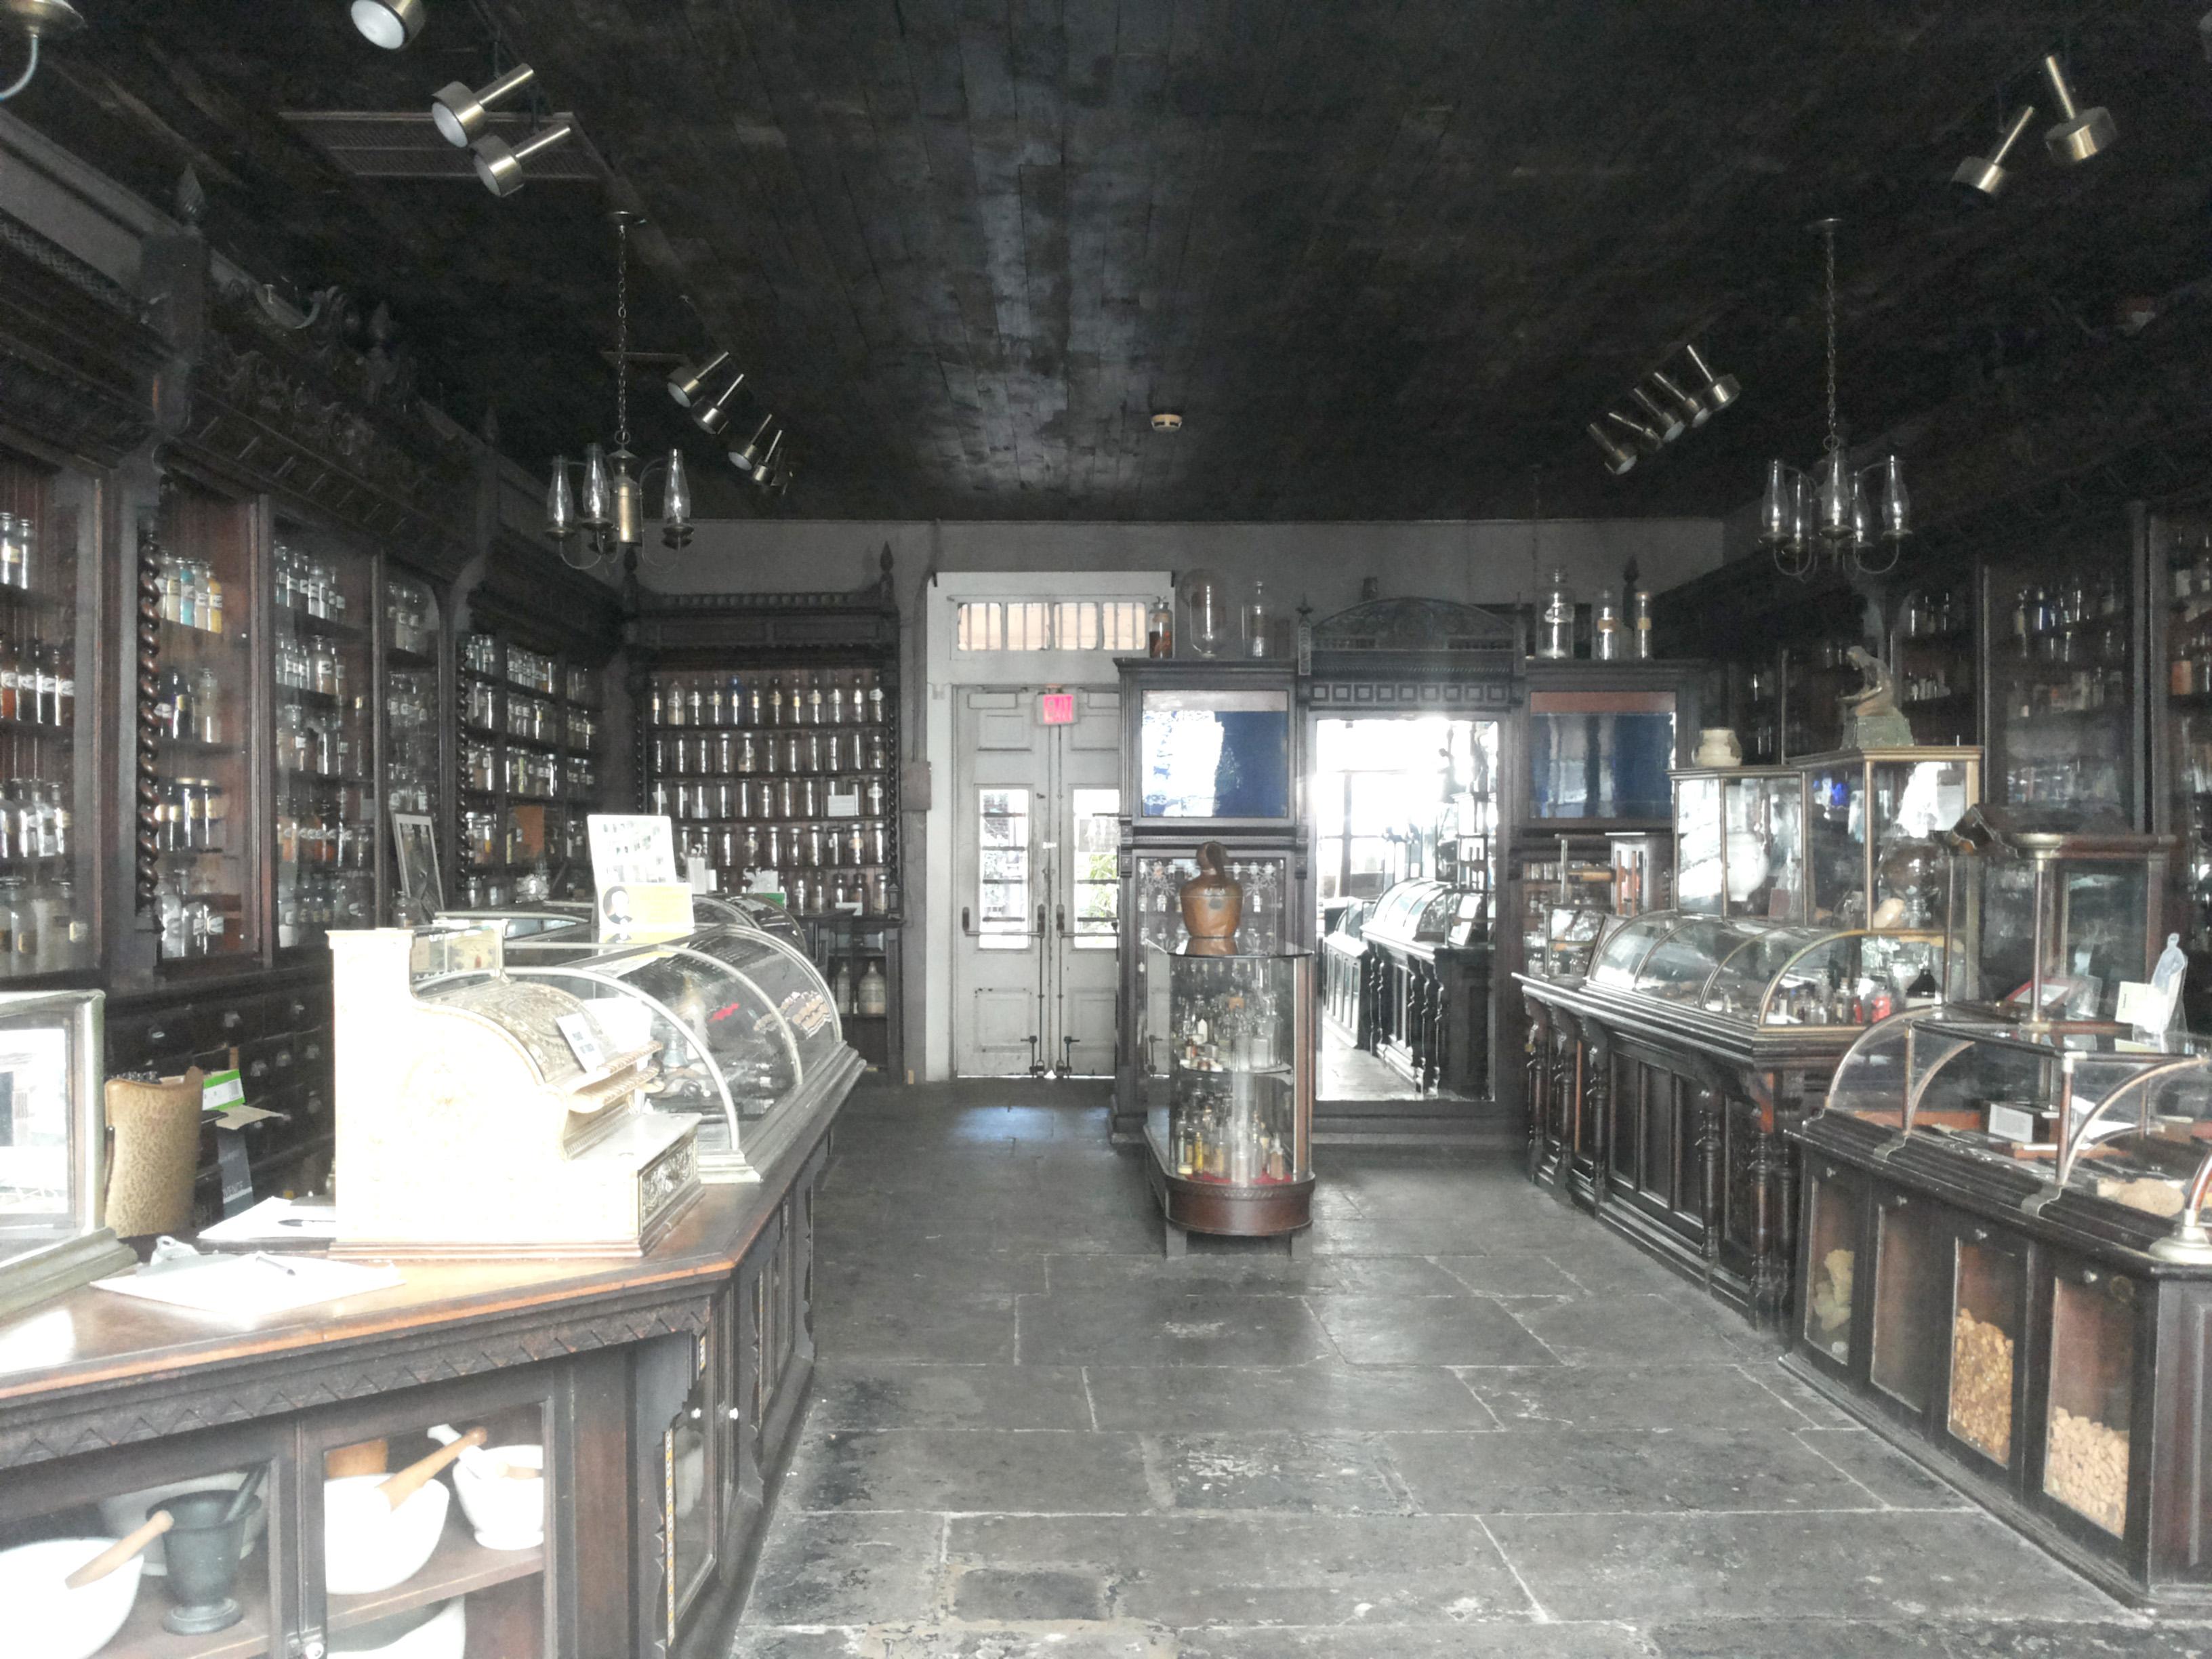 Miesto vaistinės muziejuje - eksponatai, pasakojantys farmacijos istoriją.